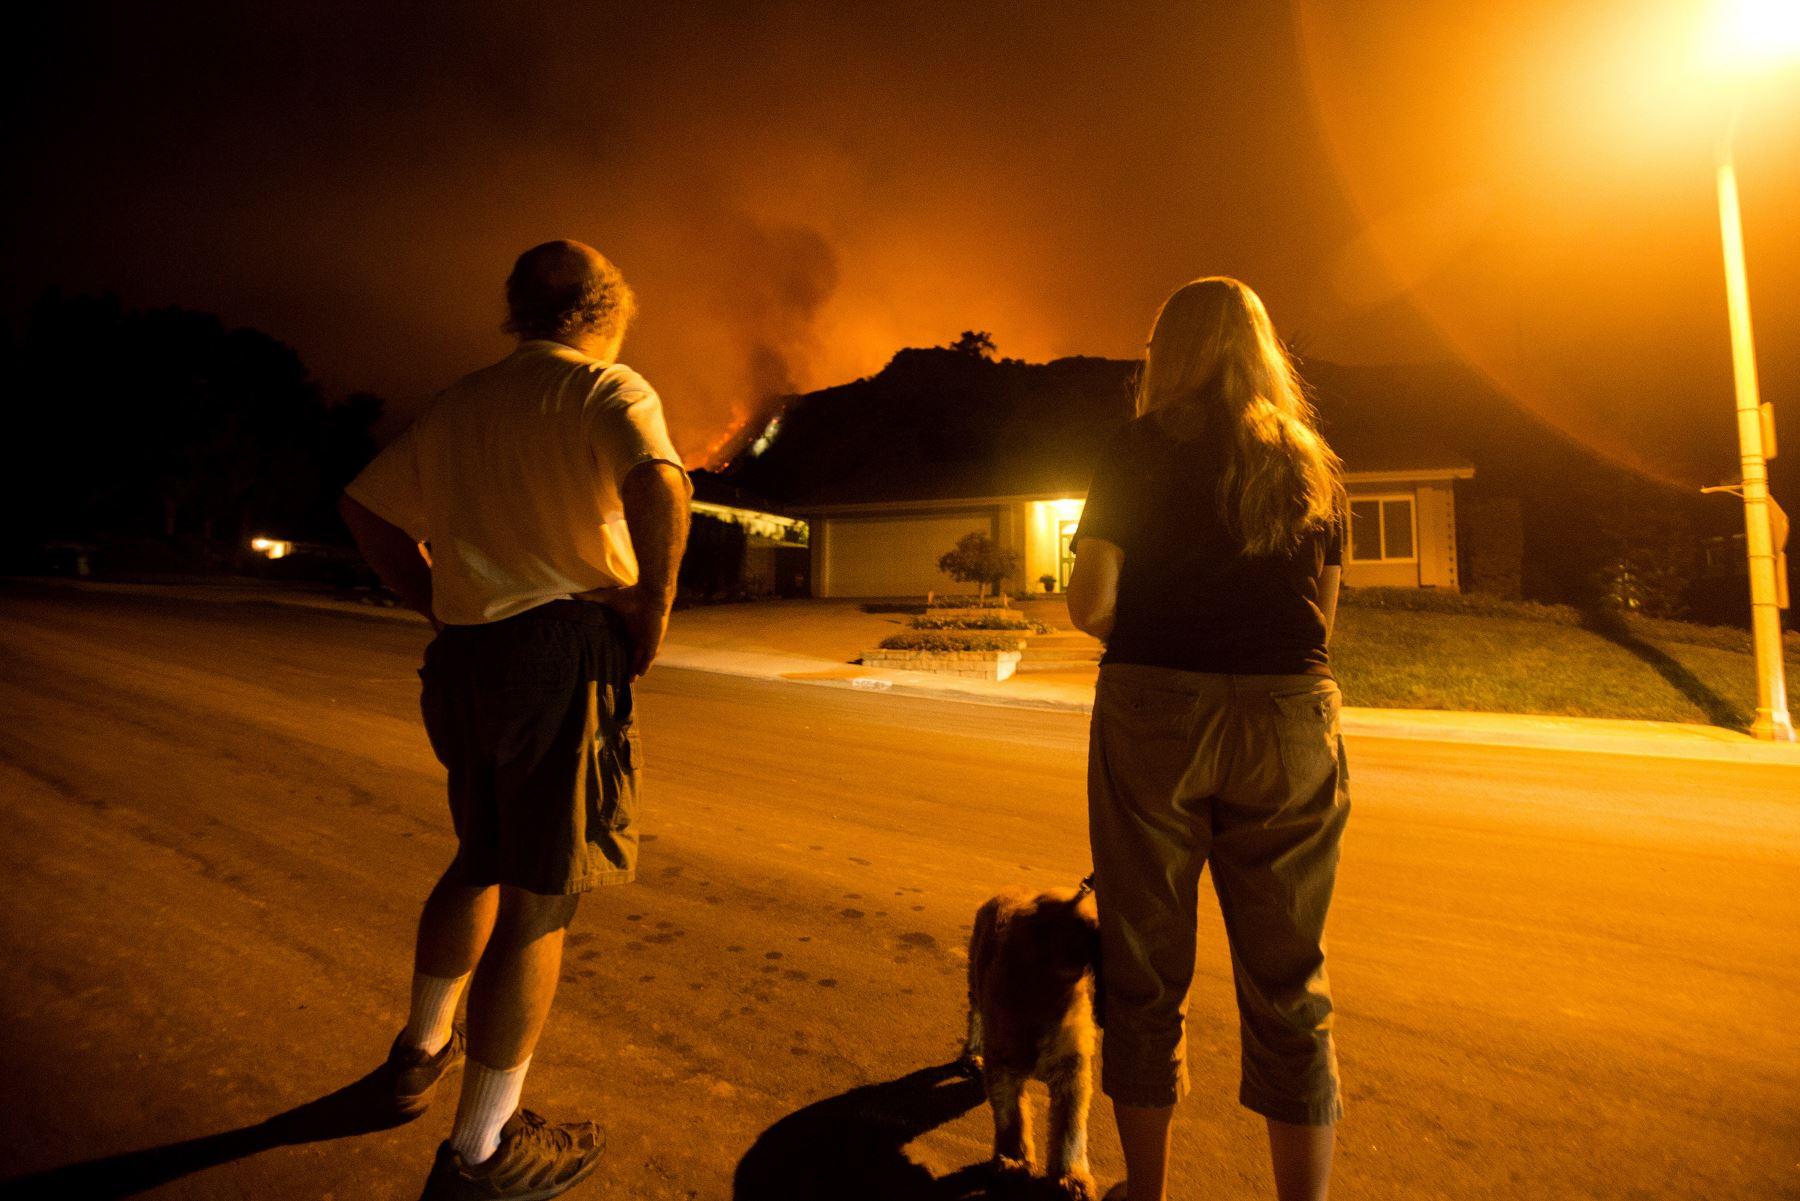 Las personas observan cómo arden las llamas en las laderas detrás de sus viviendas en Monrovia, California. Foto: AFP